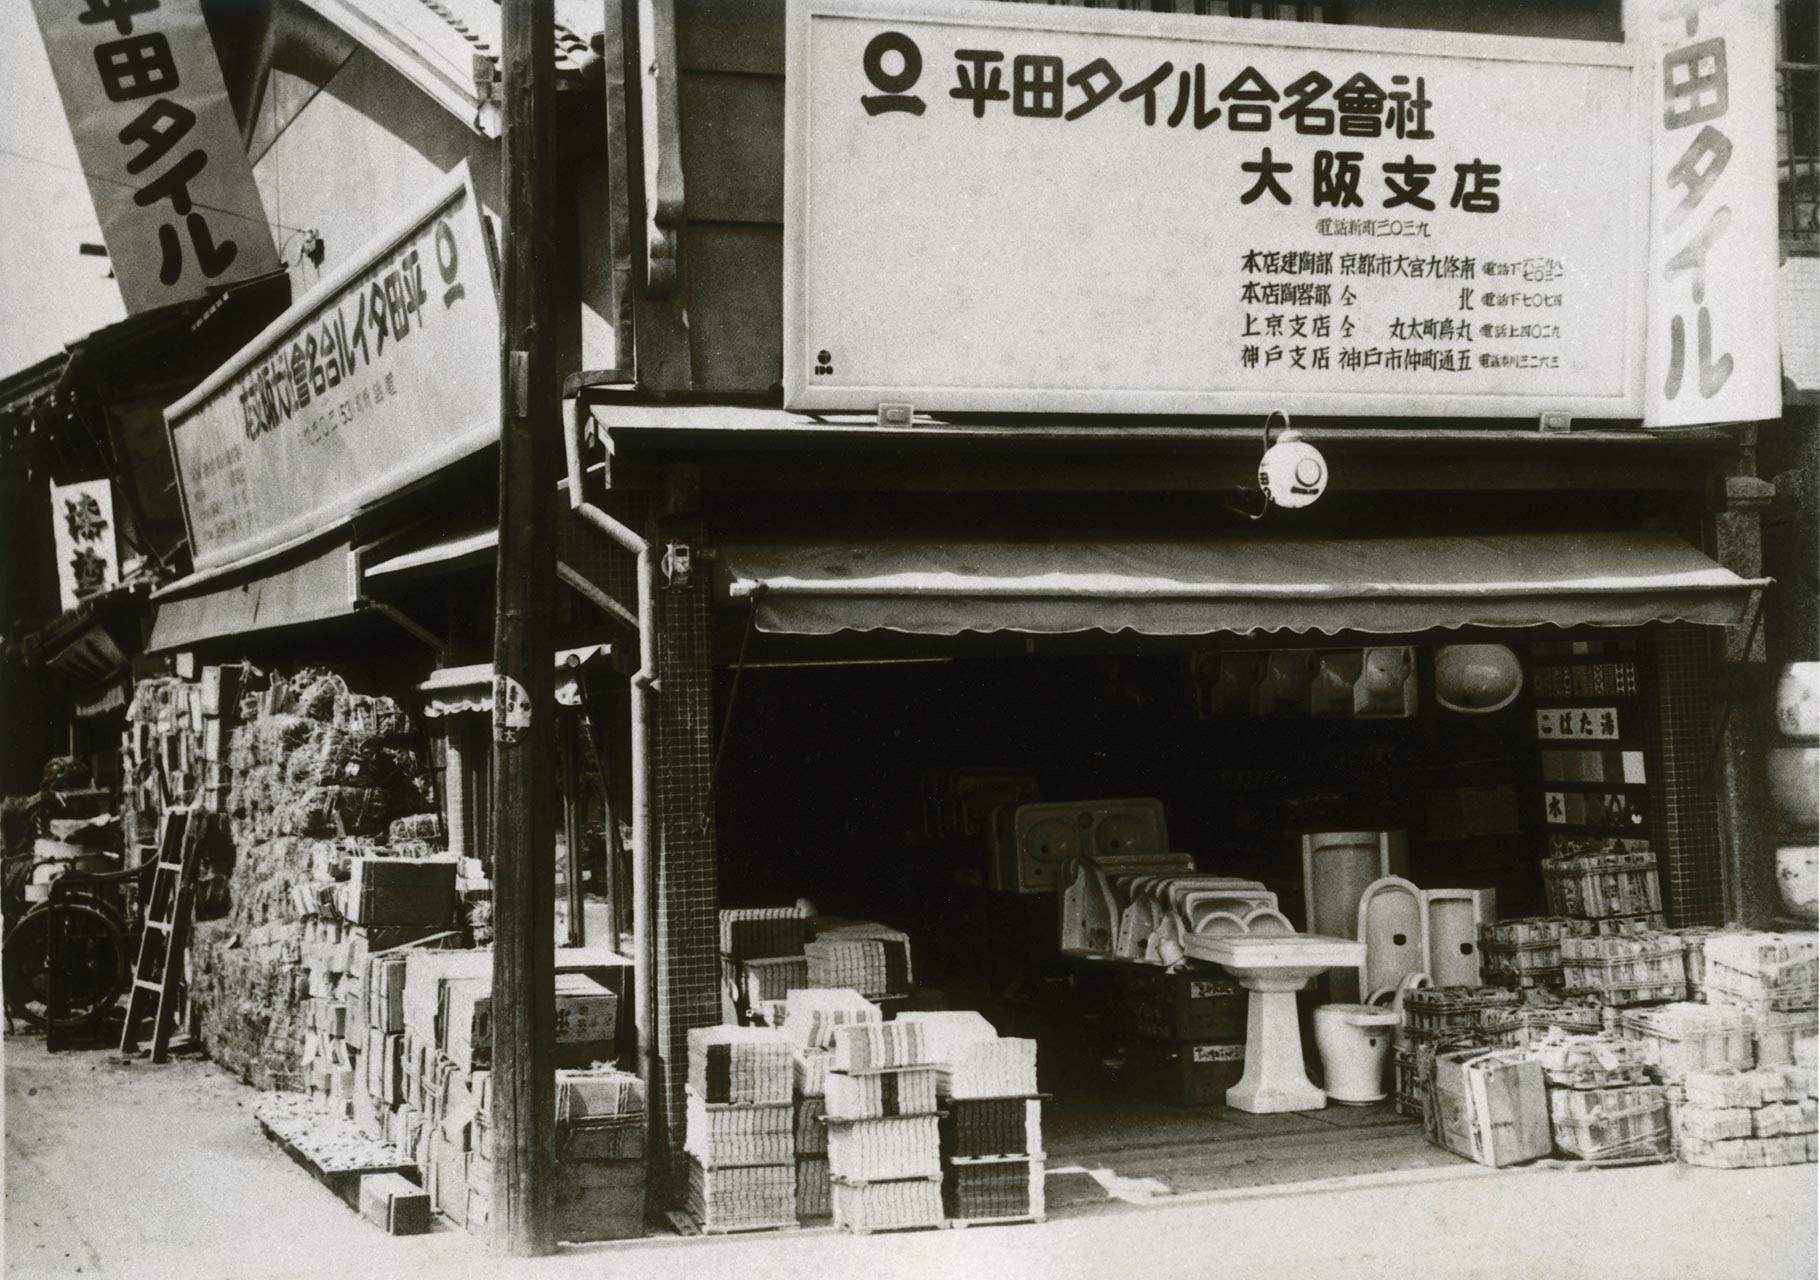 大阪支店。舶来品のペデスタルの洗面台が見えます。